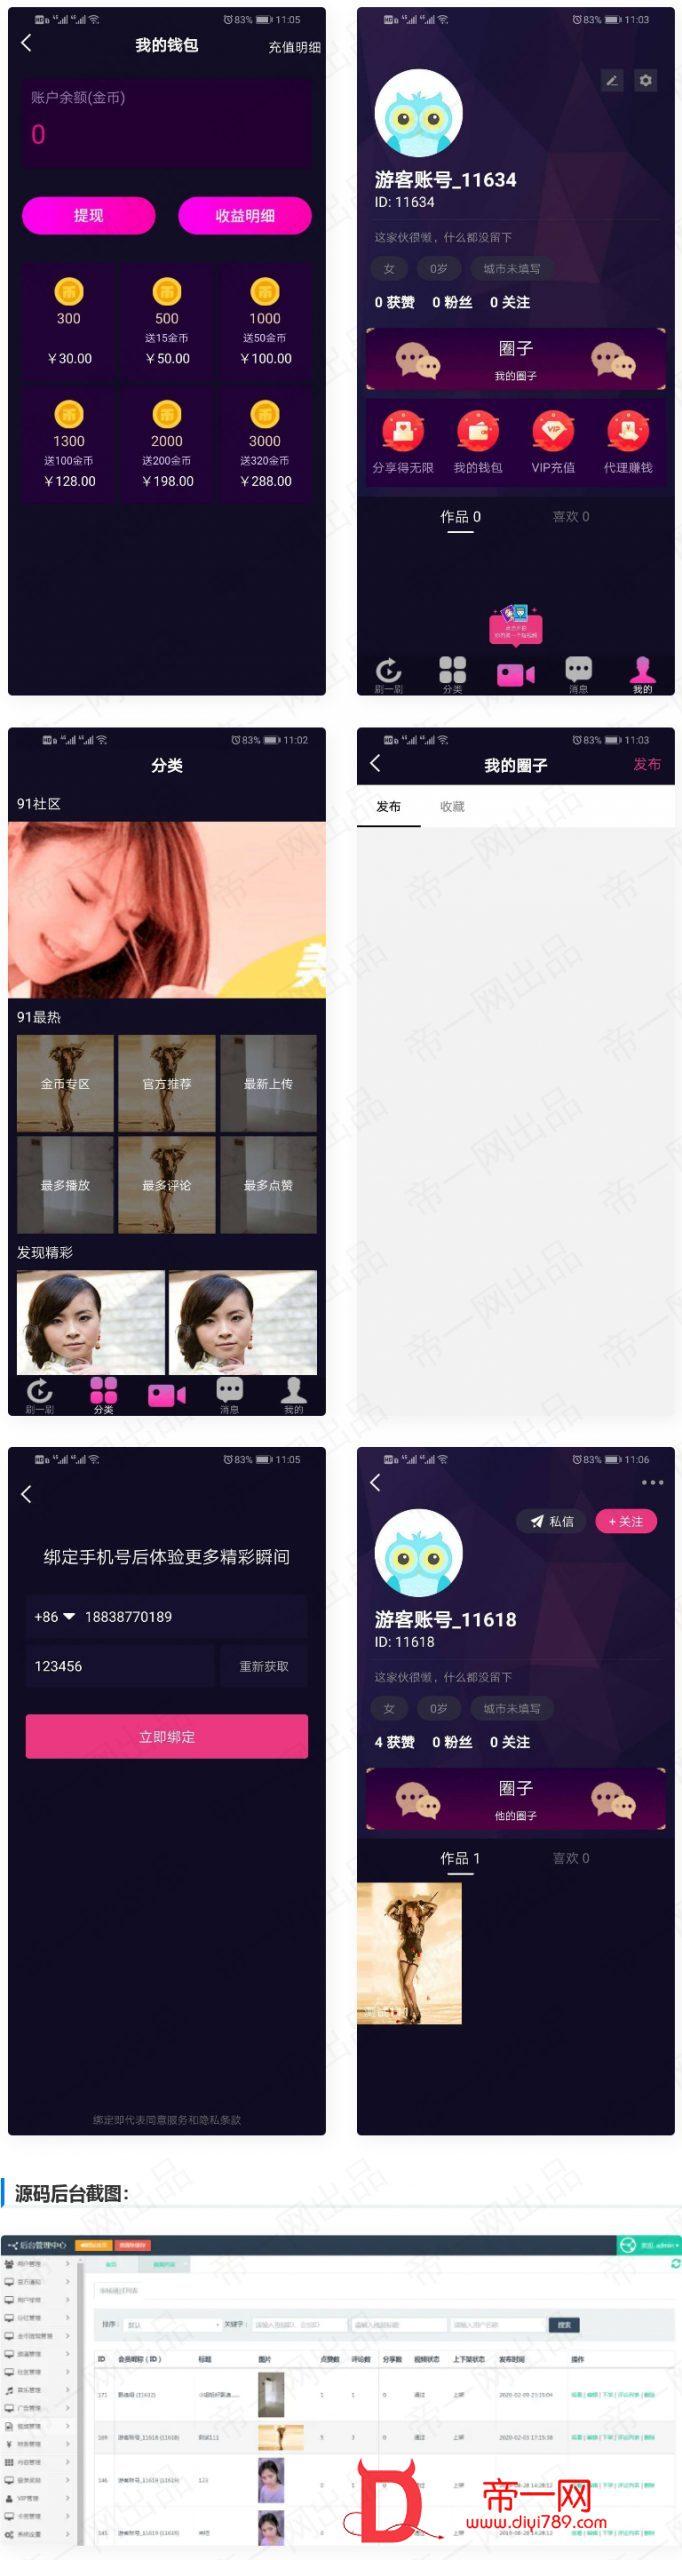 新版仿抖音视频app/仿91视频app/短视频功能/原生双端开发源码